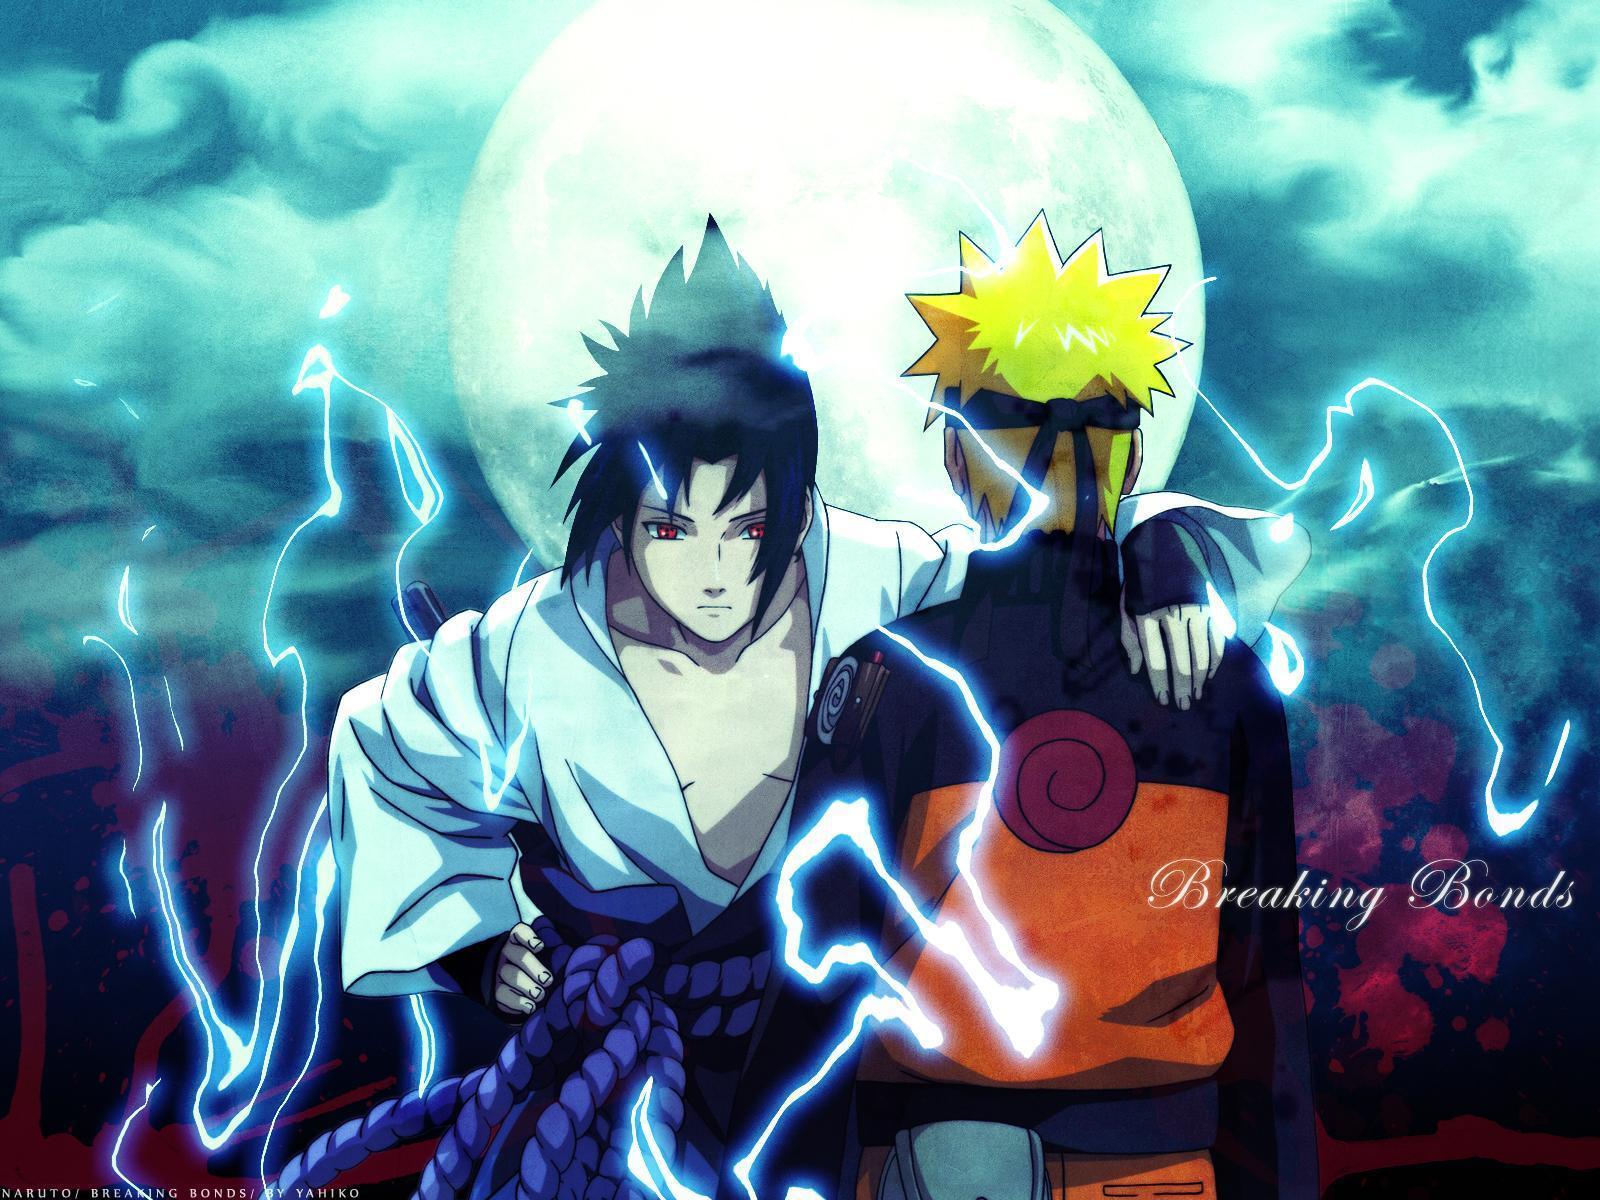 sasuke vs naruto - Sasuke vs naruto Wallpaper (6169544 ...